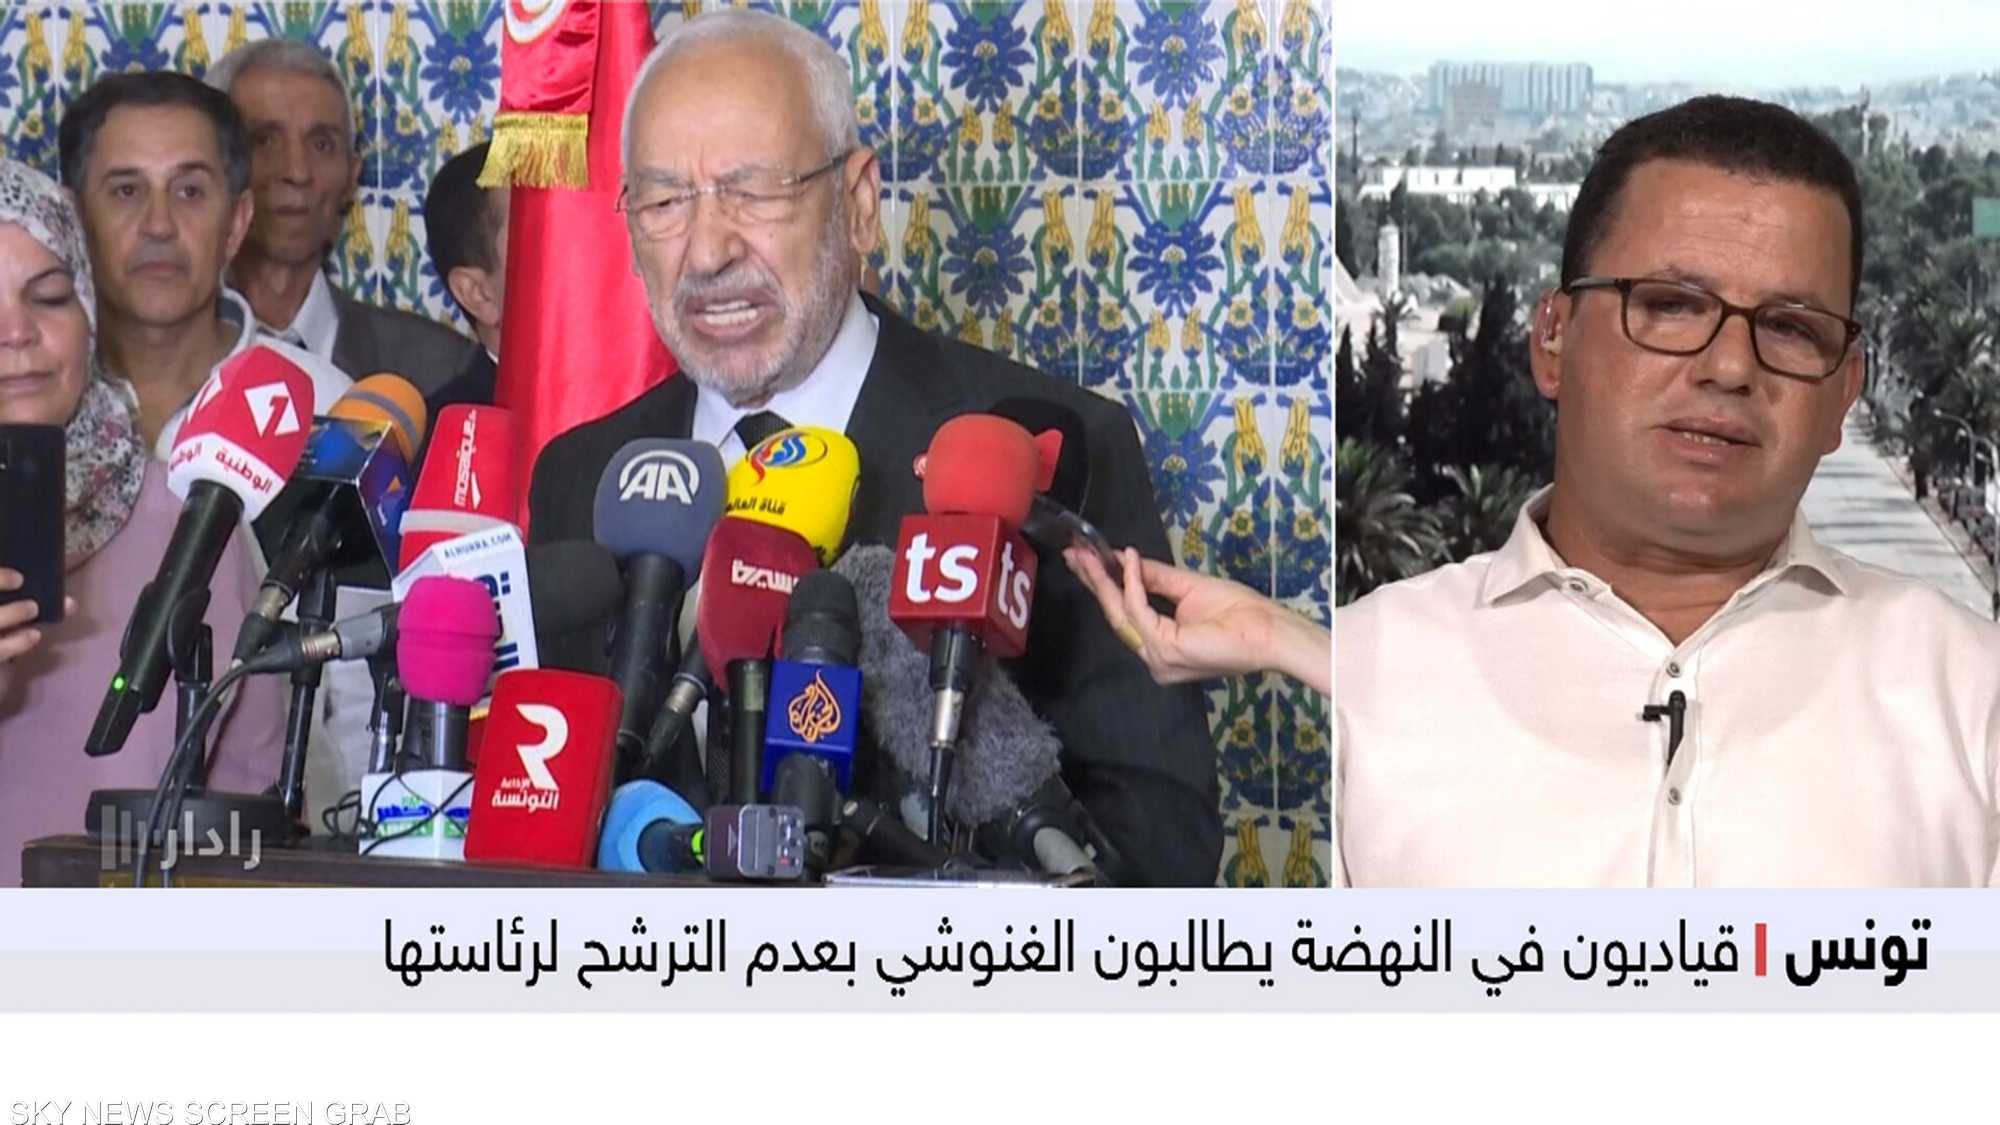 قياديون في النهضة يطالبون الغنوشي بعدم الترشح لرئاستها